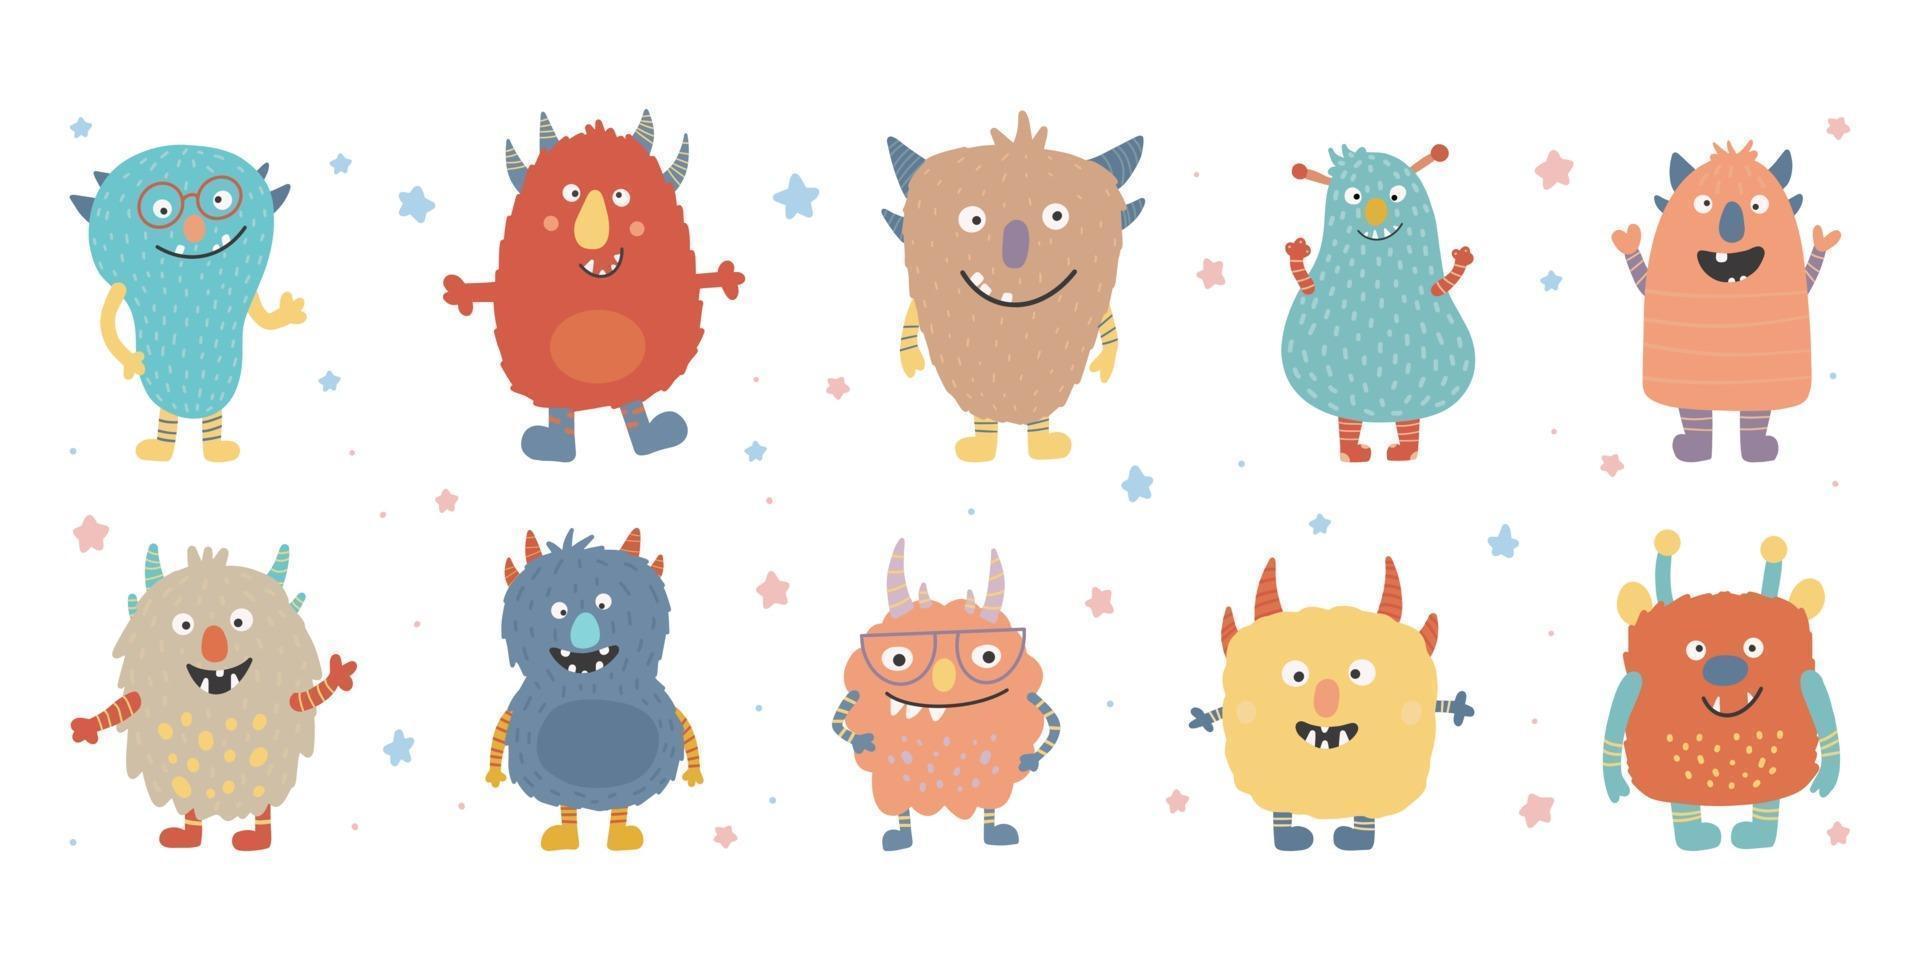 conjunto de rosto de cabeça colorida de monstro. feliz Dia das Bruxas. desenho bonito kawaii vetor